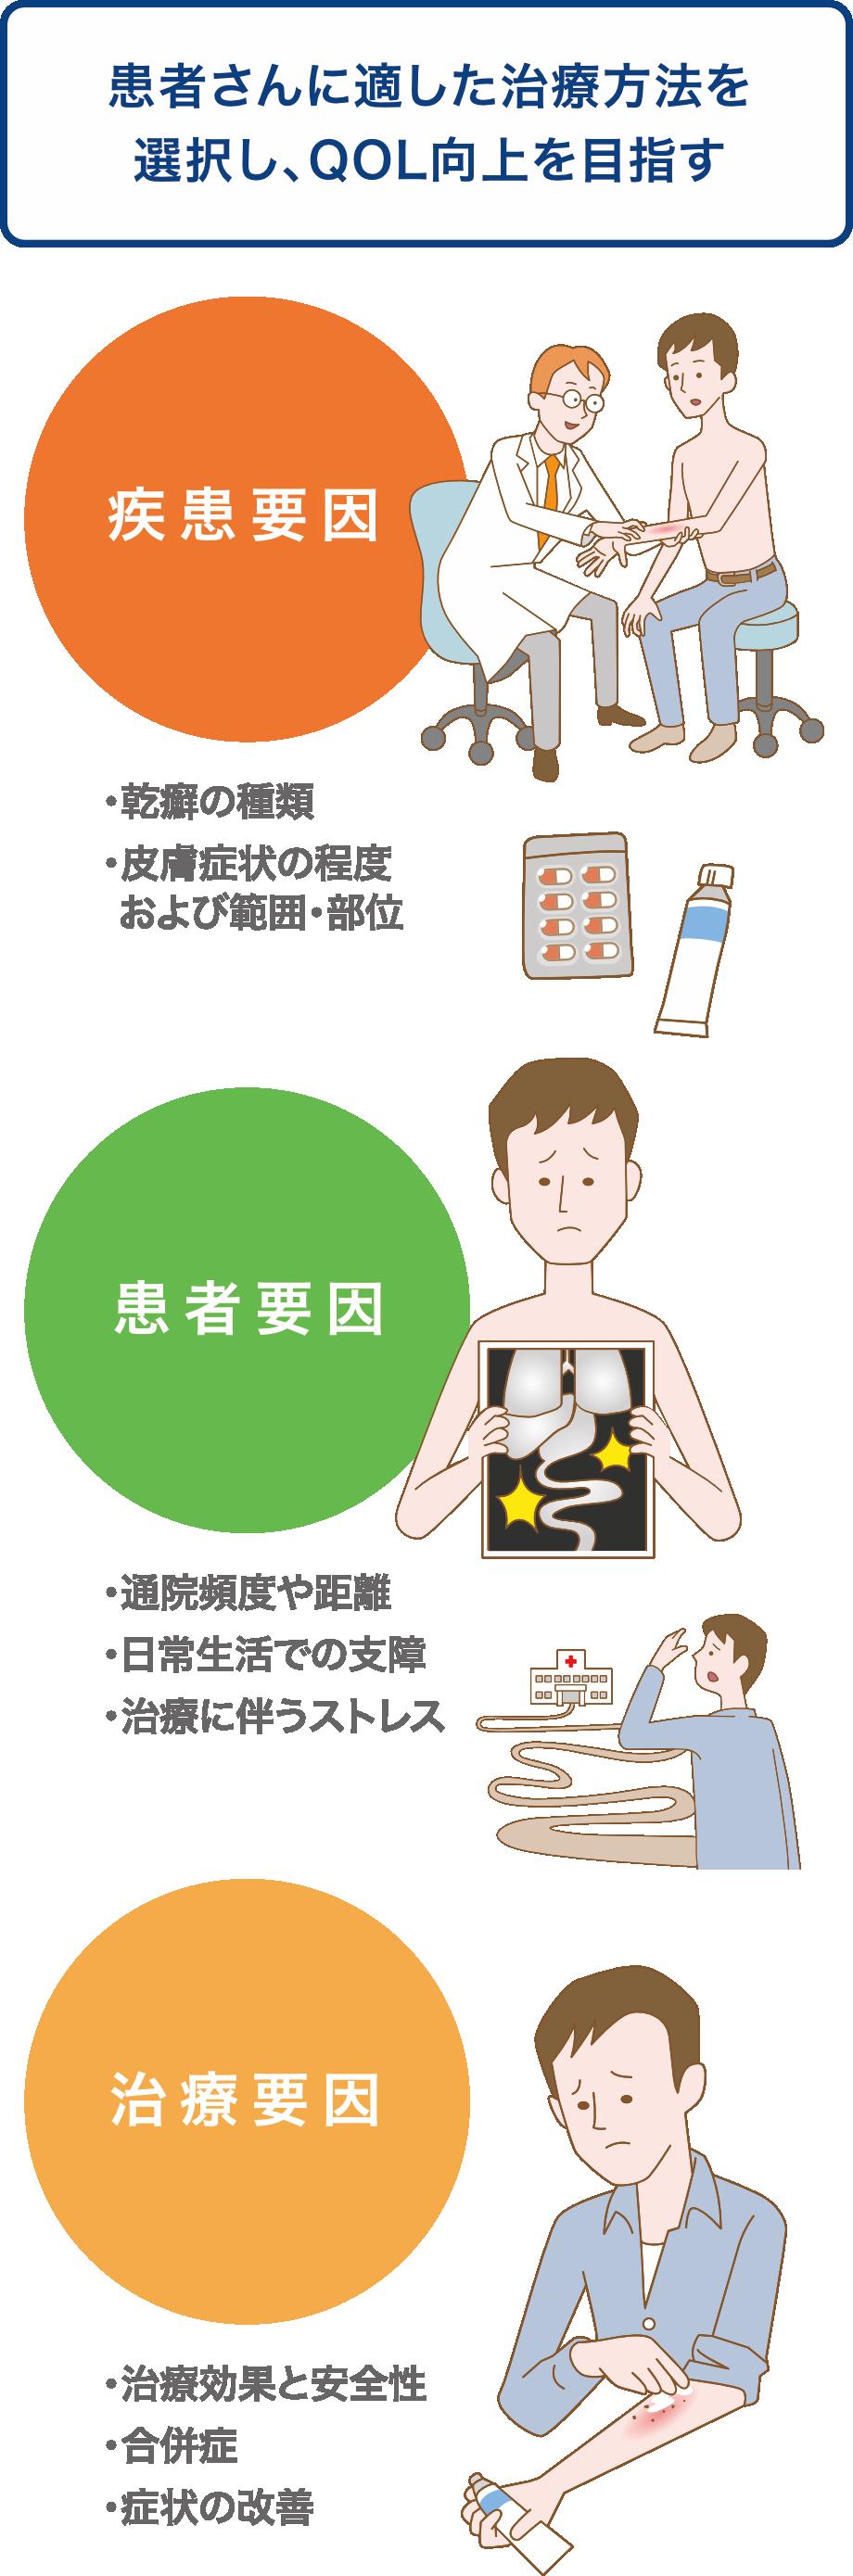 乾癬の治療について|乾癬ネット